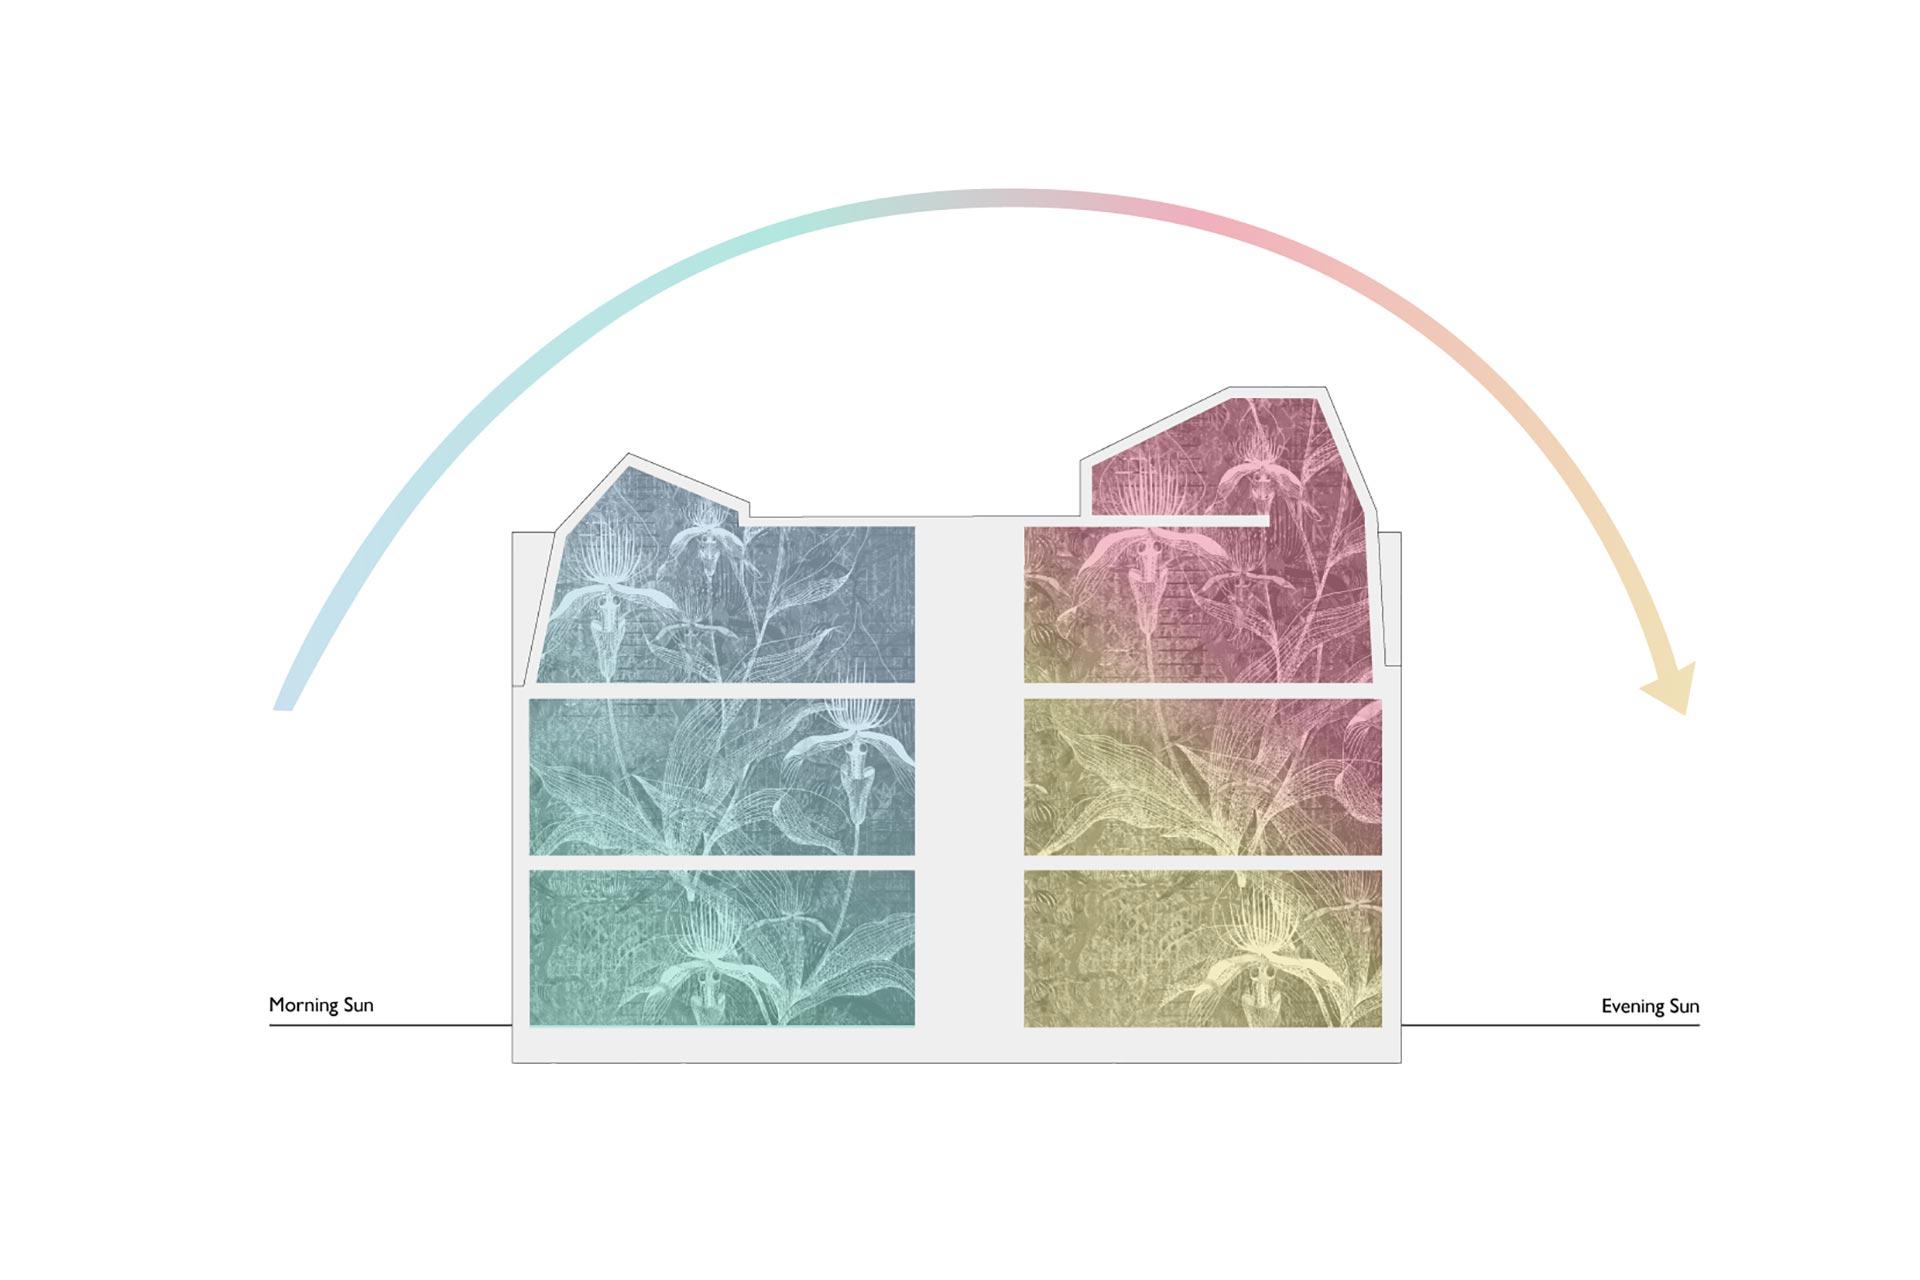 schema kleuren hotel daglicht ochtendzon avondzon hoteldesign